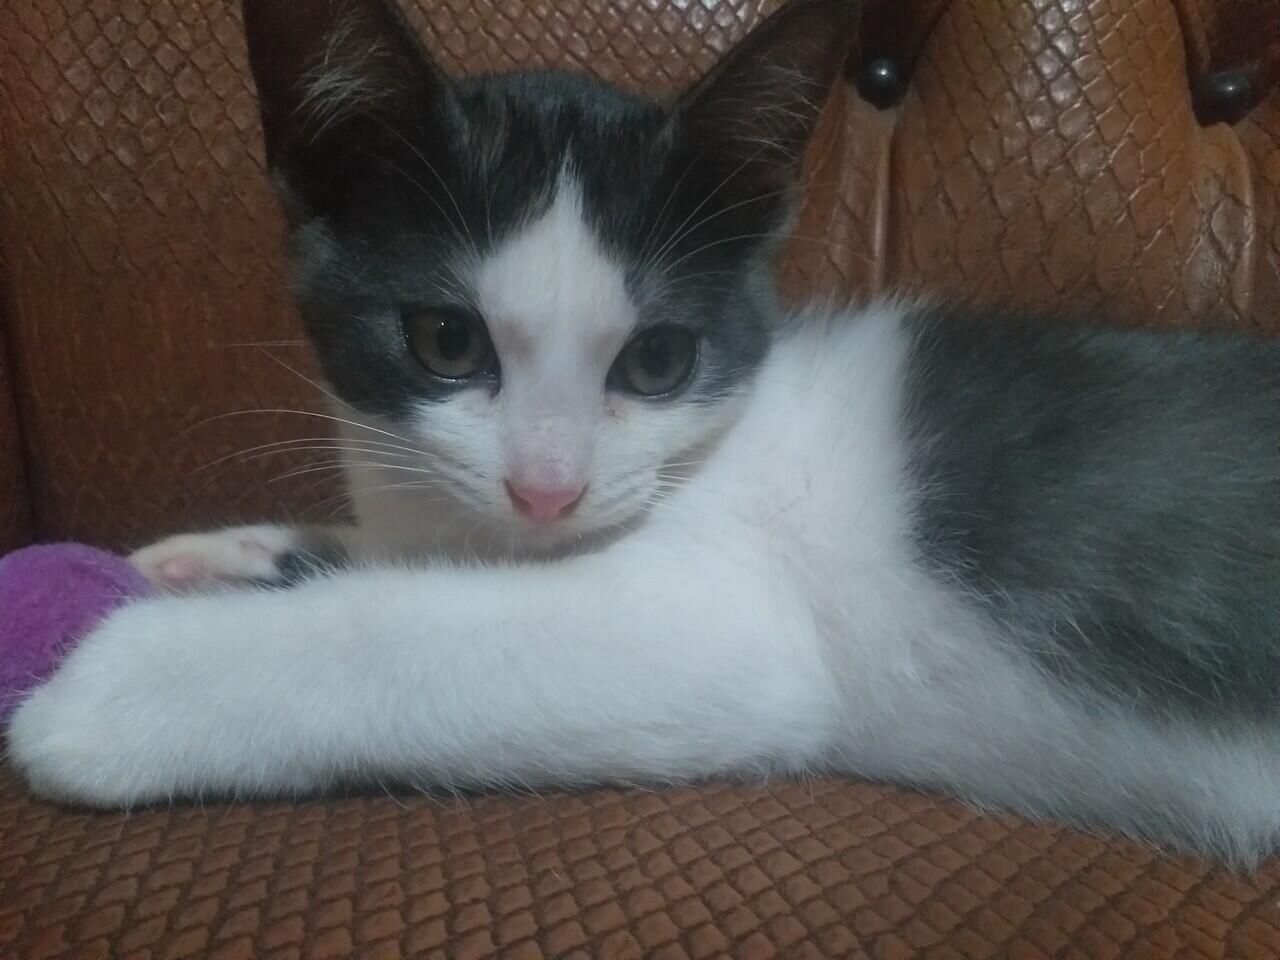 [Pengalaman Pribadi] Sterilisasi Kucing, Menurut Agan Perlu Nggak Sih ?